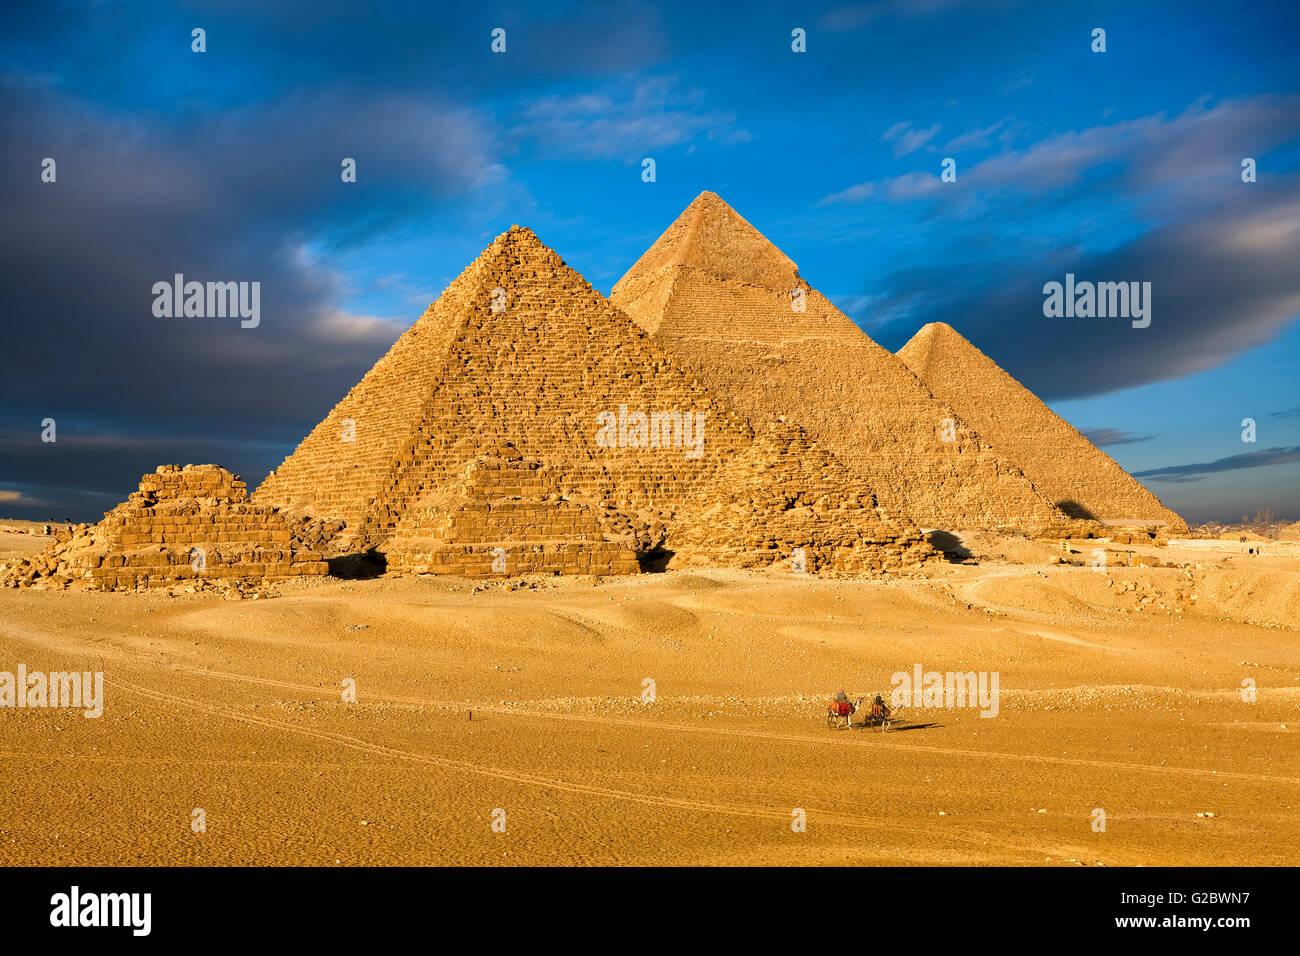 Las pirámides de Giza, cerca de El Cairo Imagen De Stock